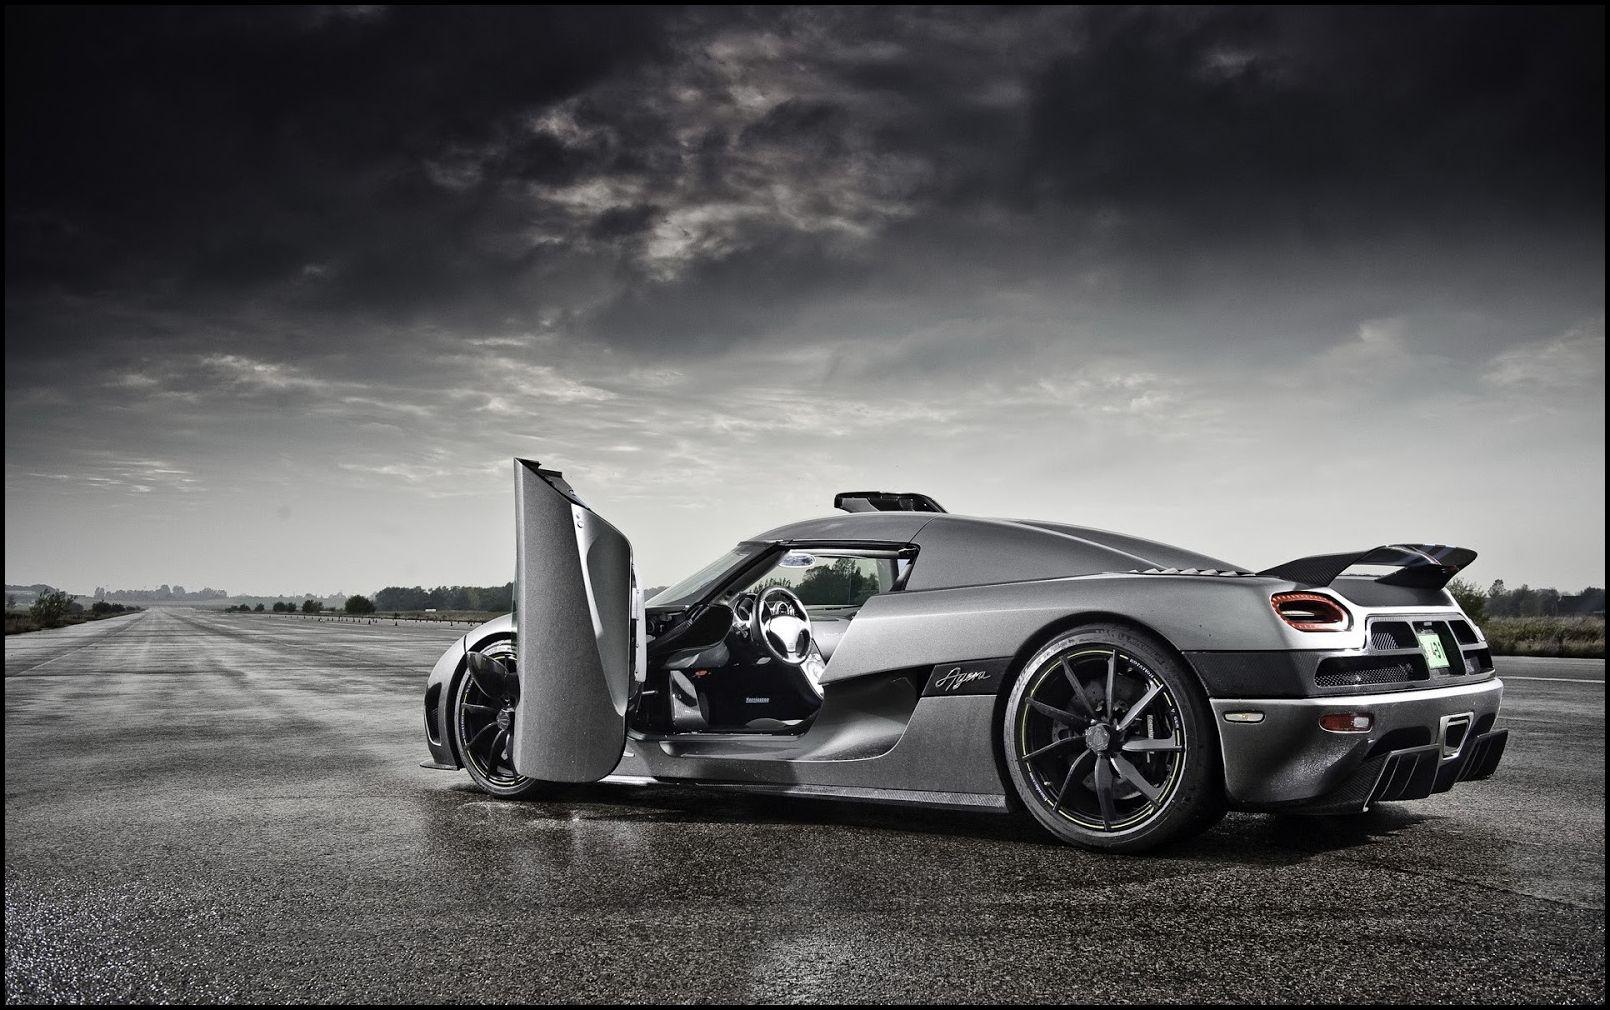 En güzel araba resimleri